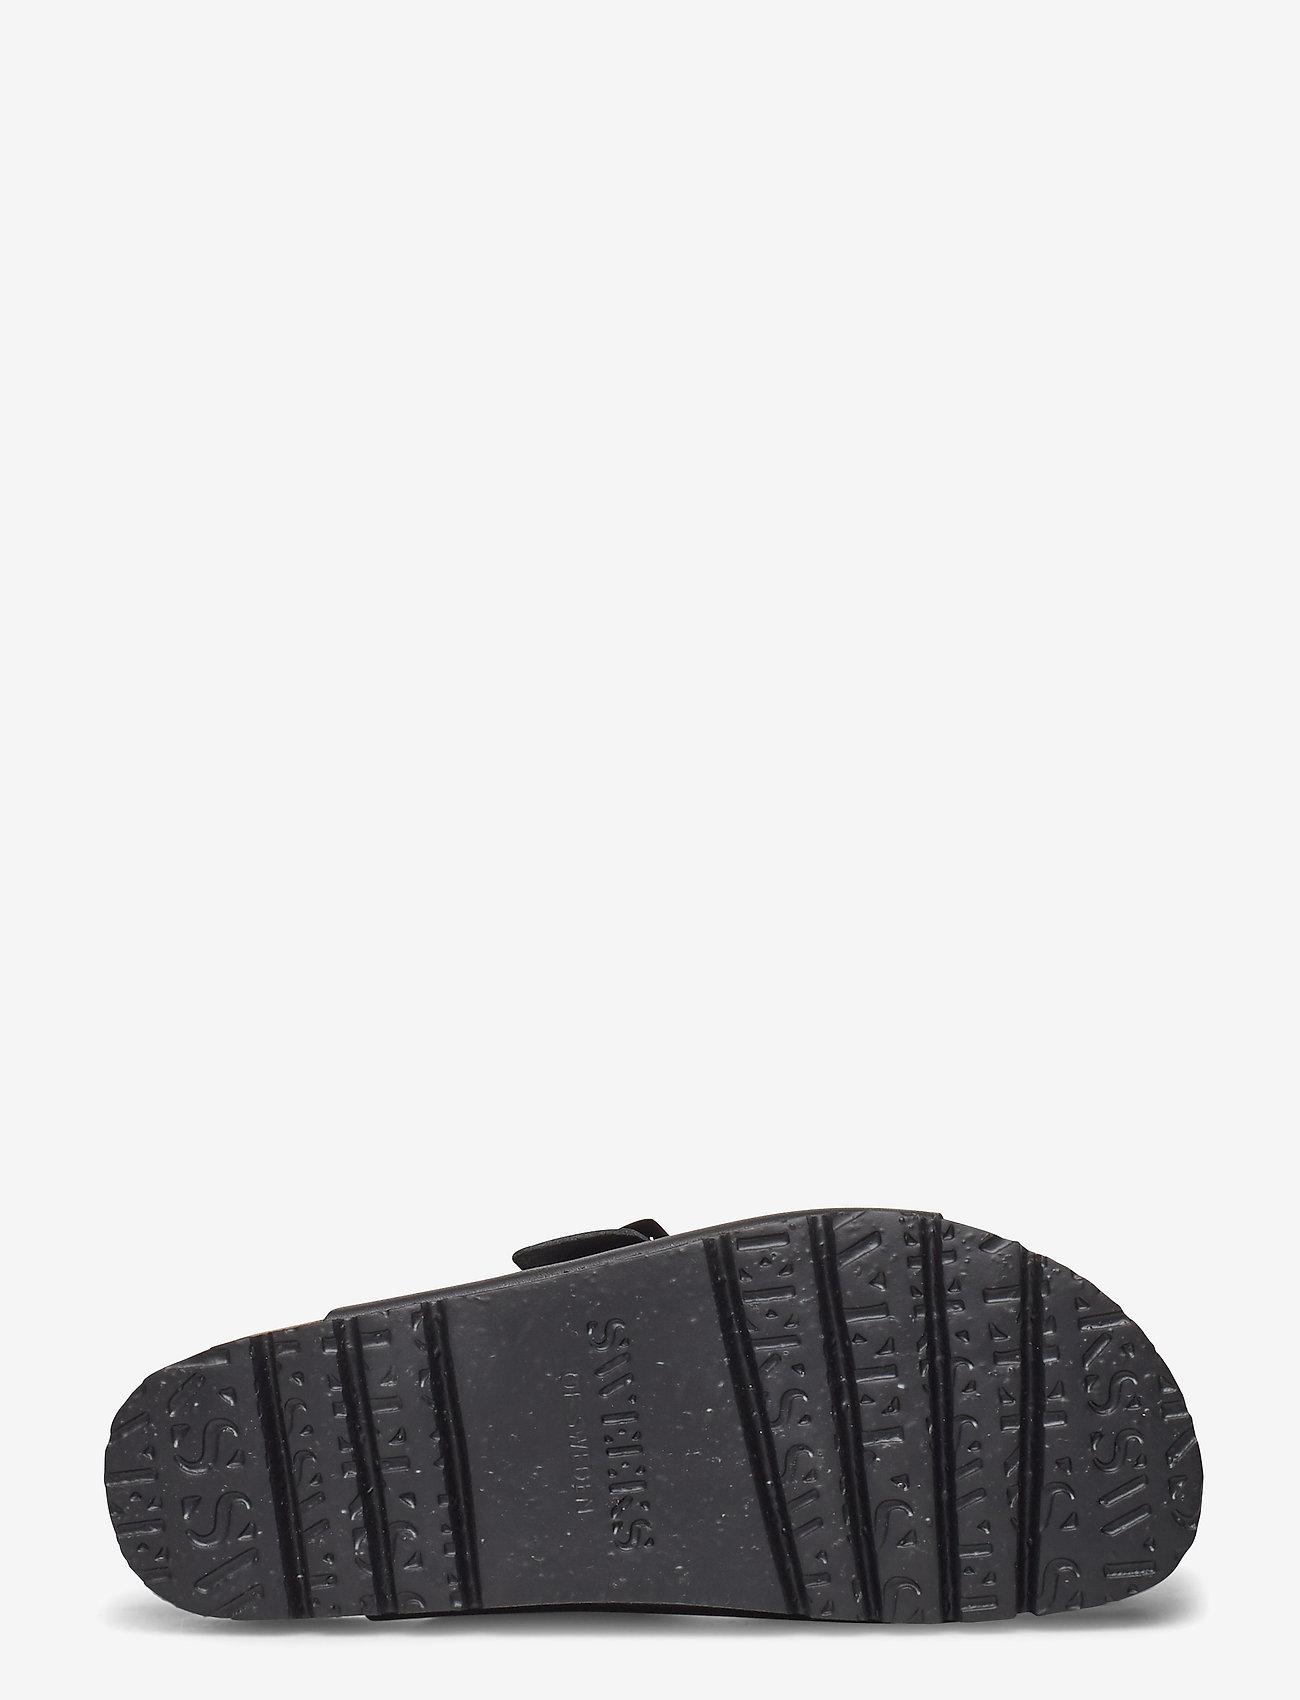 Edit (Black) (599 kr) - SWEEKS